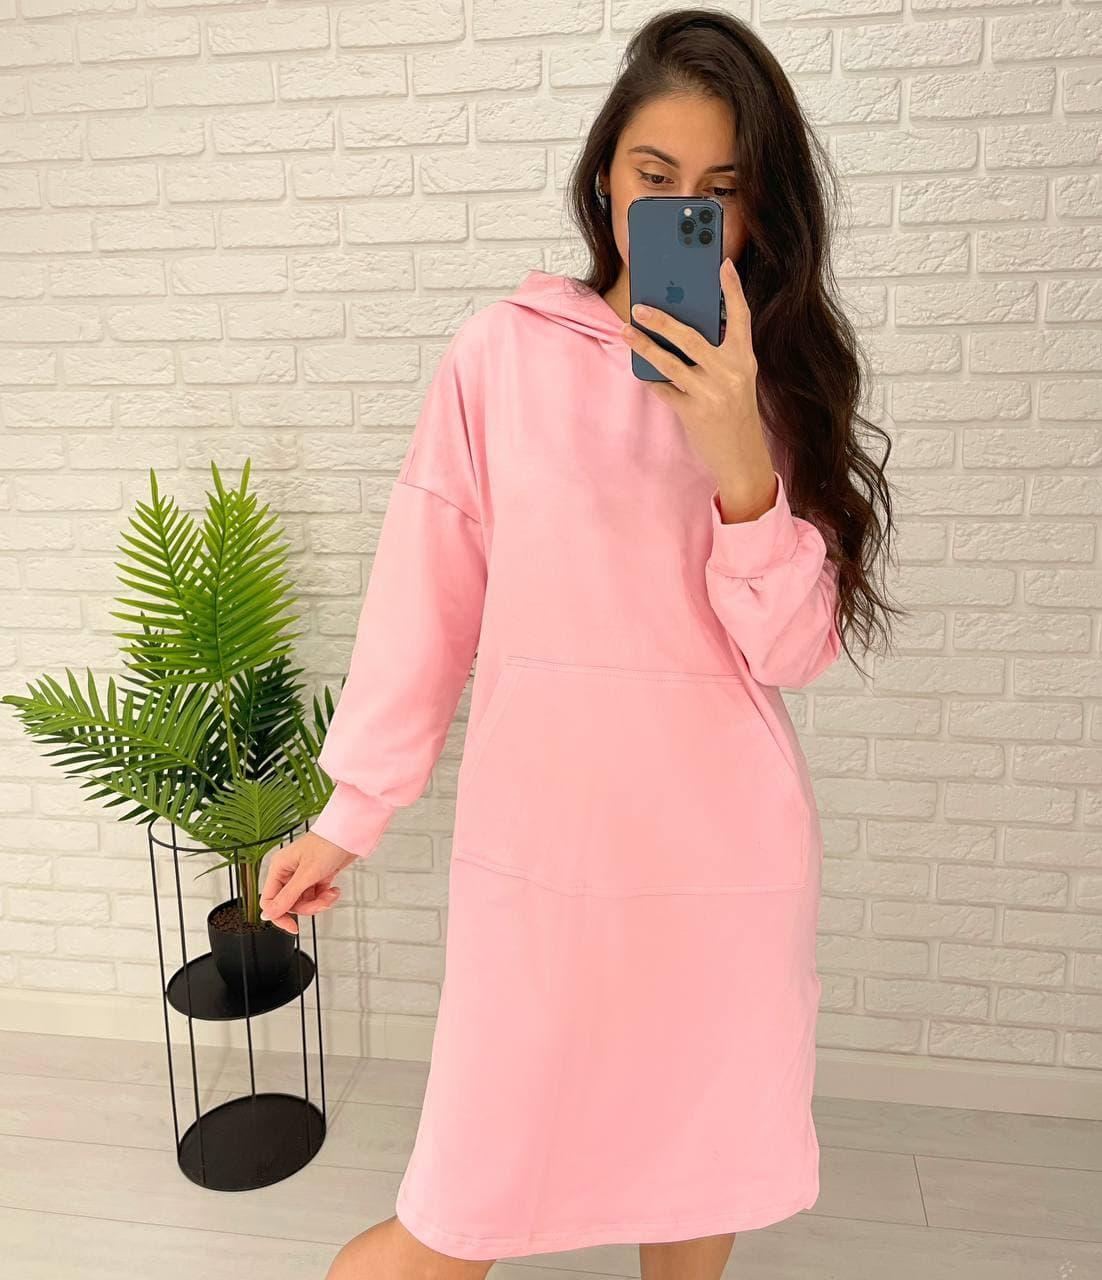 Теплое женское платье с капюшоном в длине миди Pink